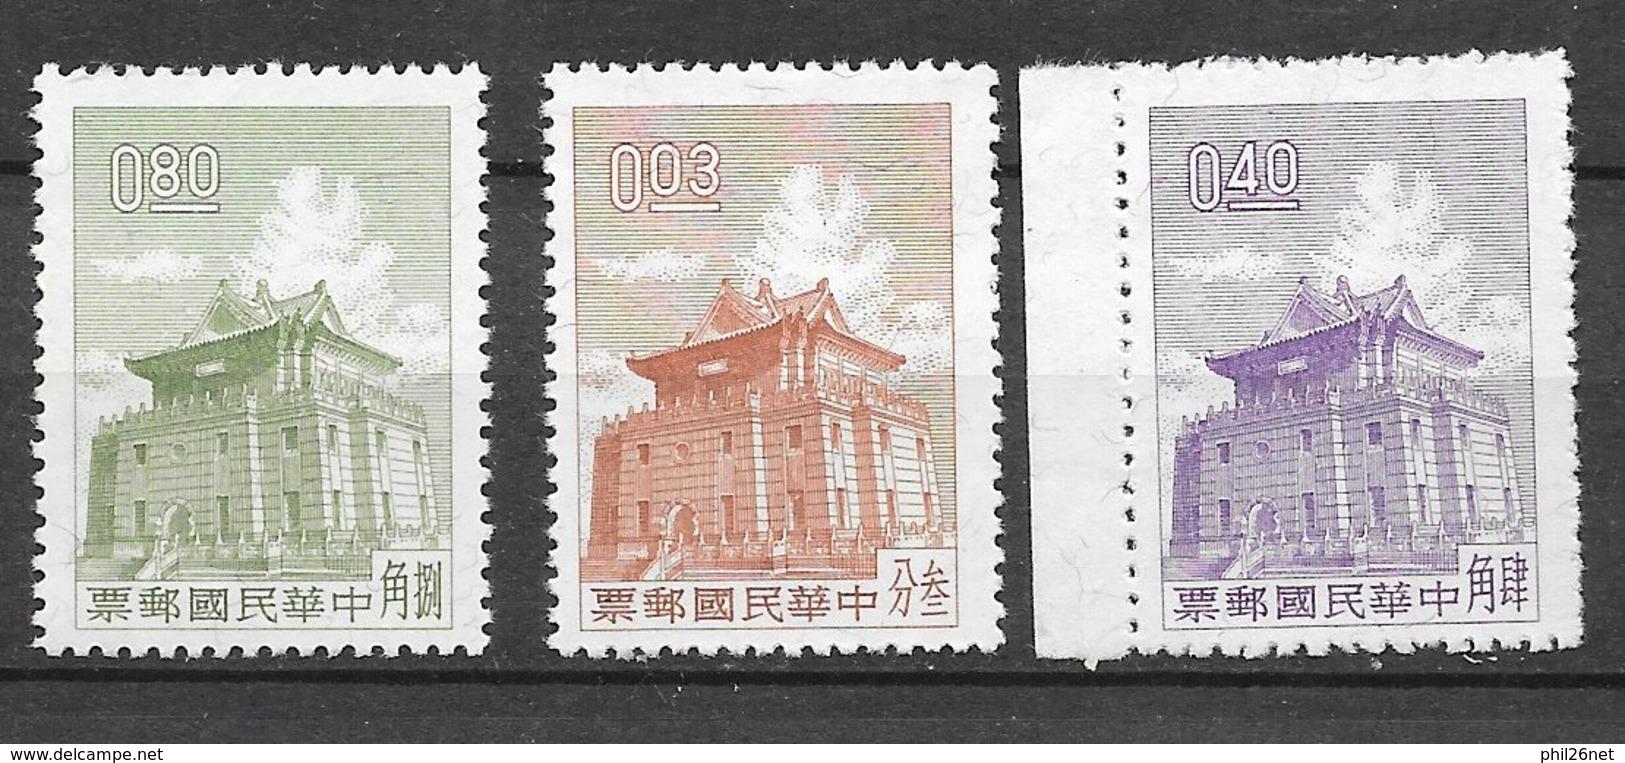 Formose Taiwan   N° 408   à  410 Pagode     émis Neufs (*)  B/ TB    Soldé ! ! !     Le Moins Cher Du Site ! ! ! - Ungebraucht